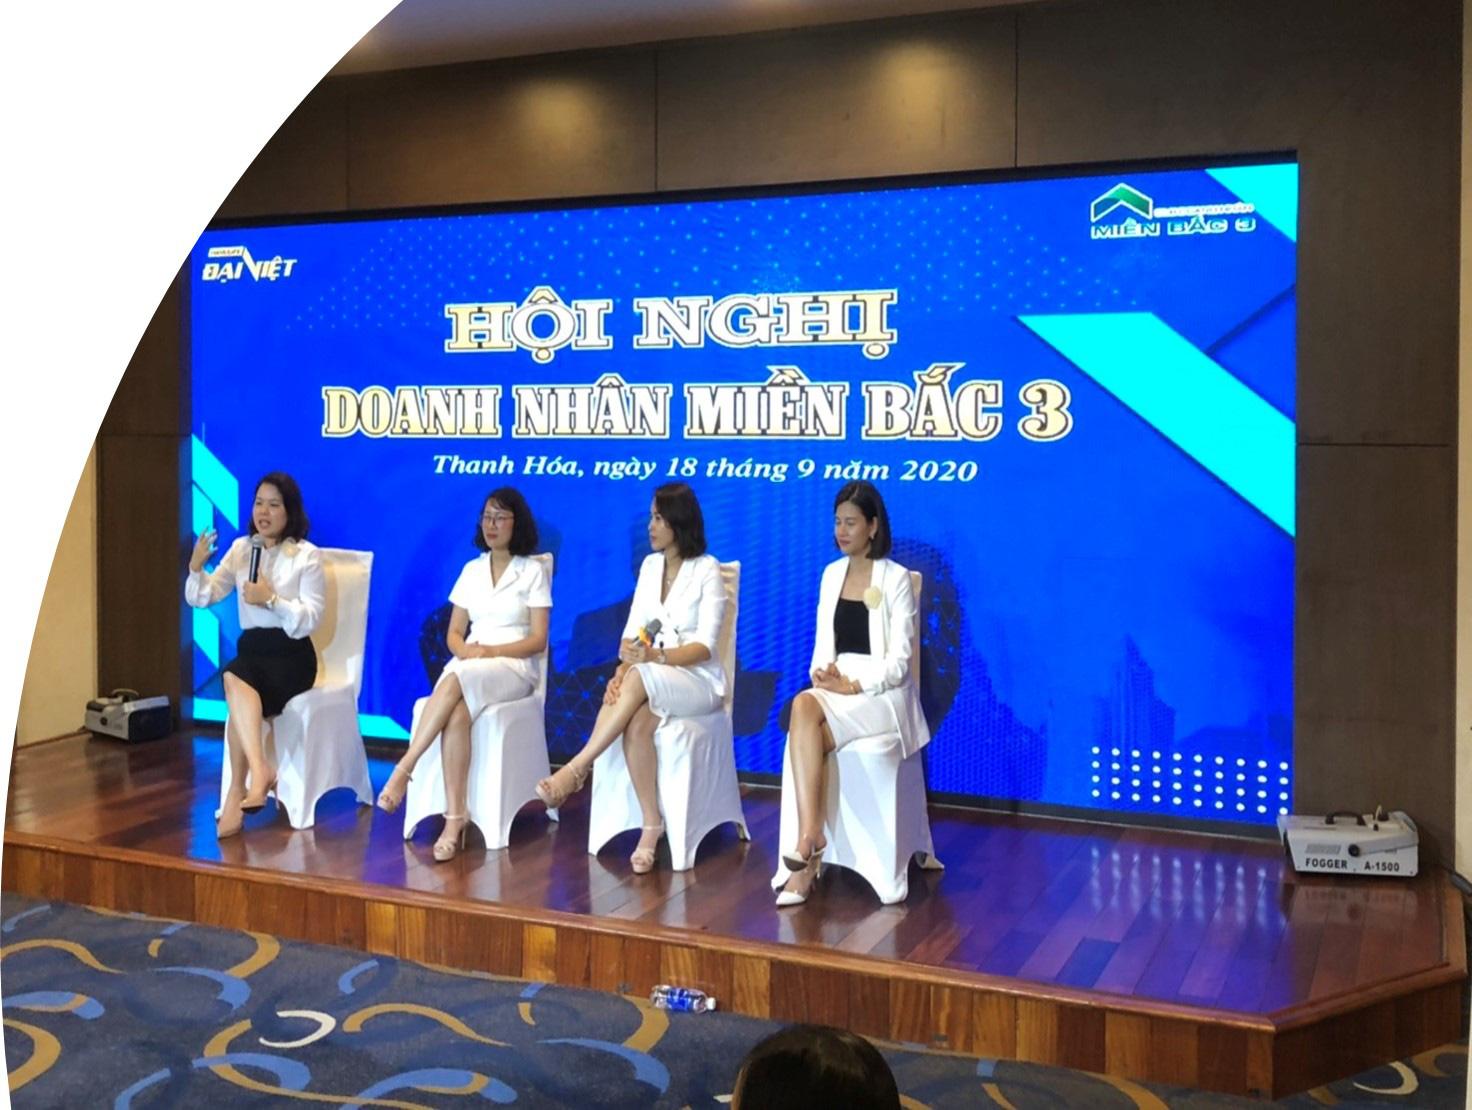 Hoàng Thị Loan – Giám đốc Kinh doanh Khu vực Manulife Thanh Hóa: Tại Manulife, tôi được chia sẻ giá trị tôn vinh con người - Ảnh 2.